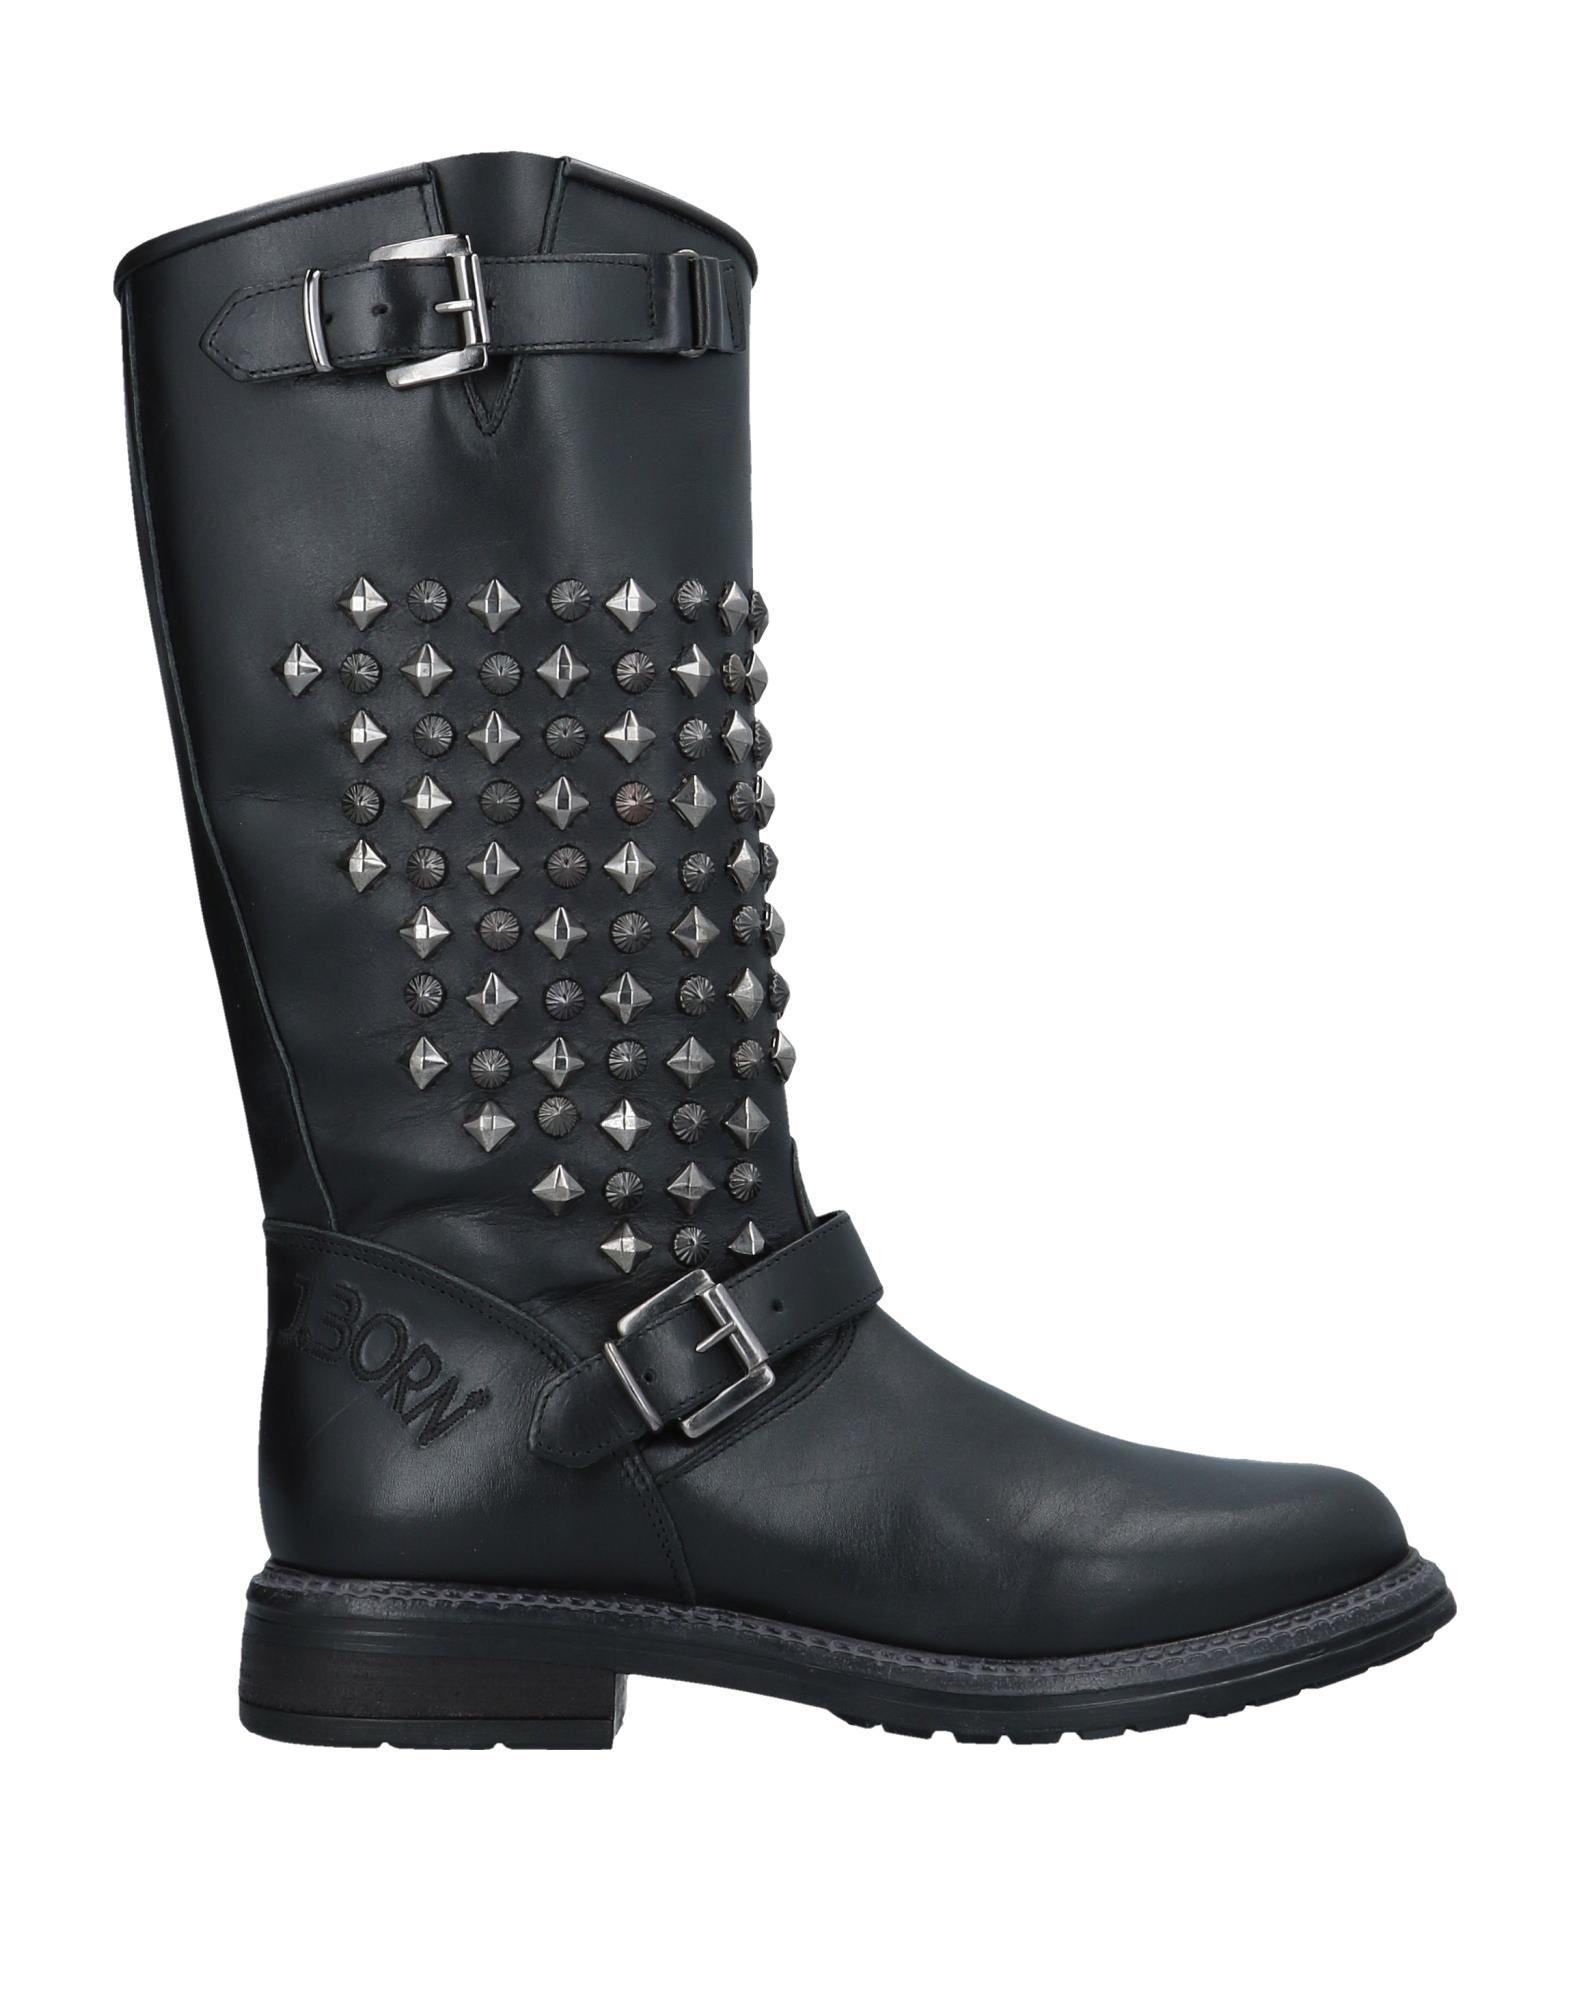 J.Born Stiefel Damen  11532911DTGut aussehende strapazierfähige Schuhe